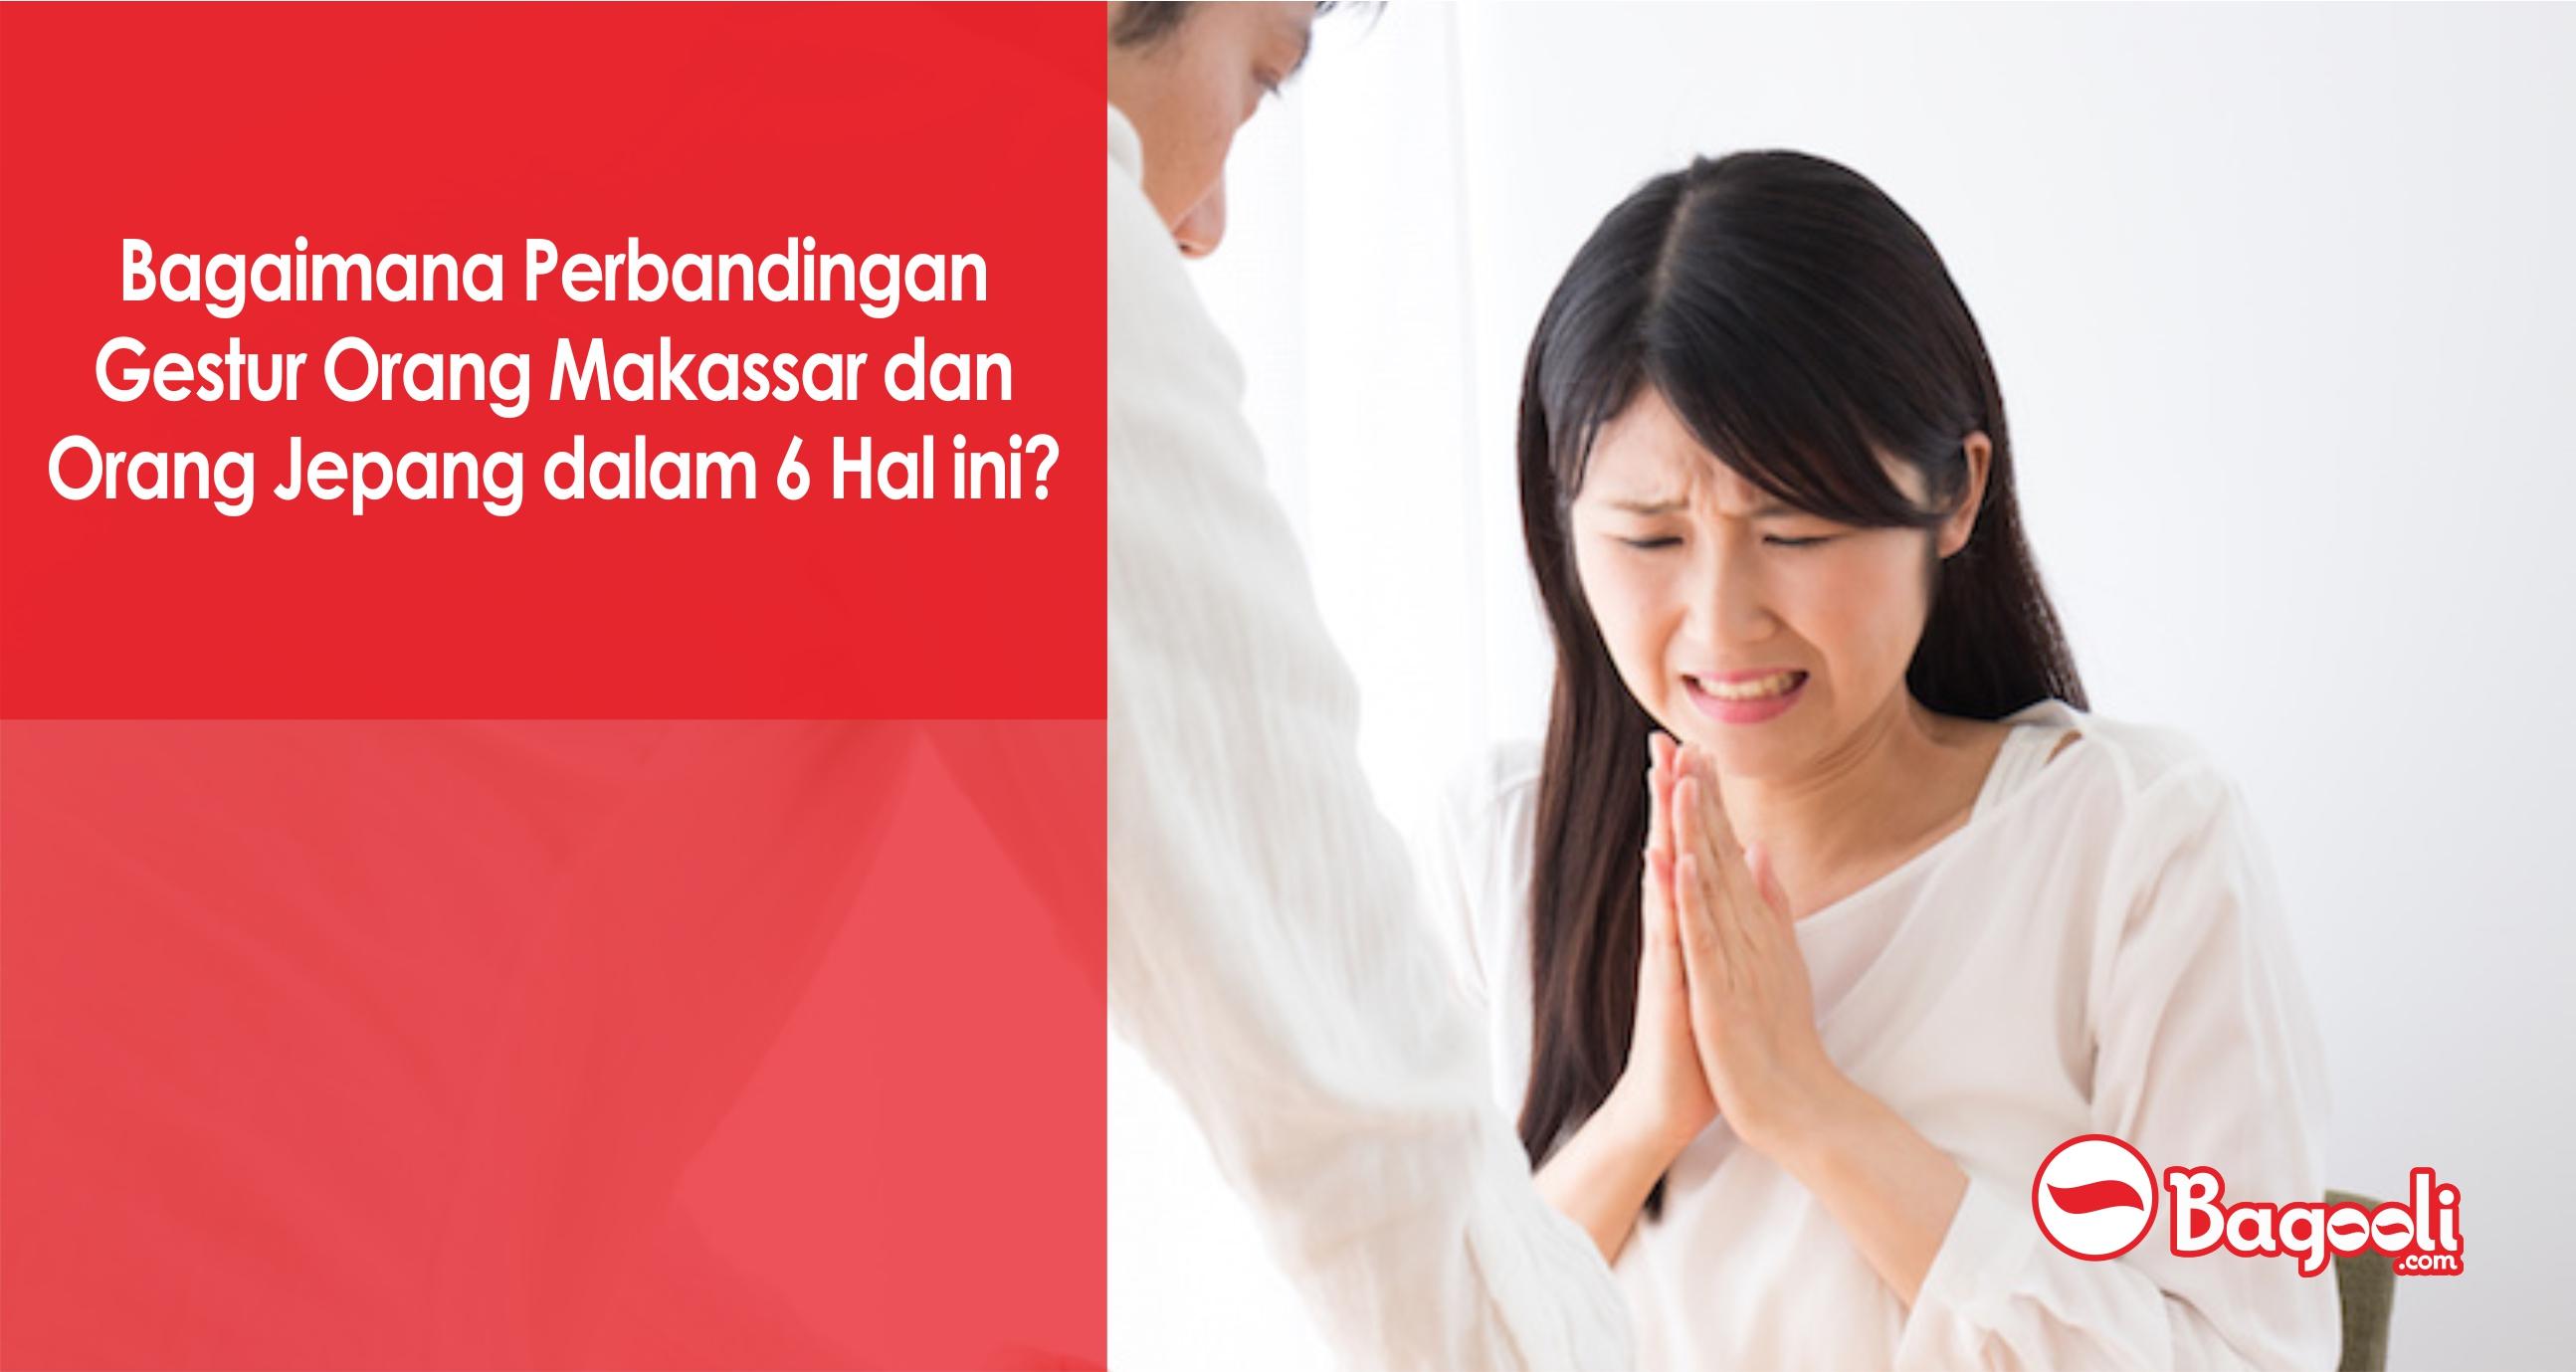 Bagaimana Perbandingan Gestur Orang Makassar dan Orang Jepang dalam 6 Hal ini